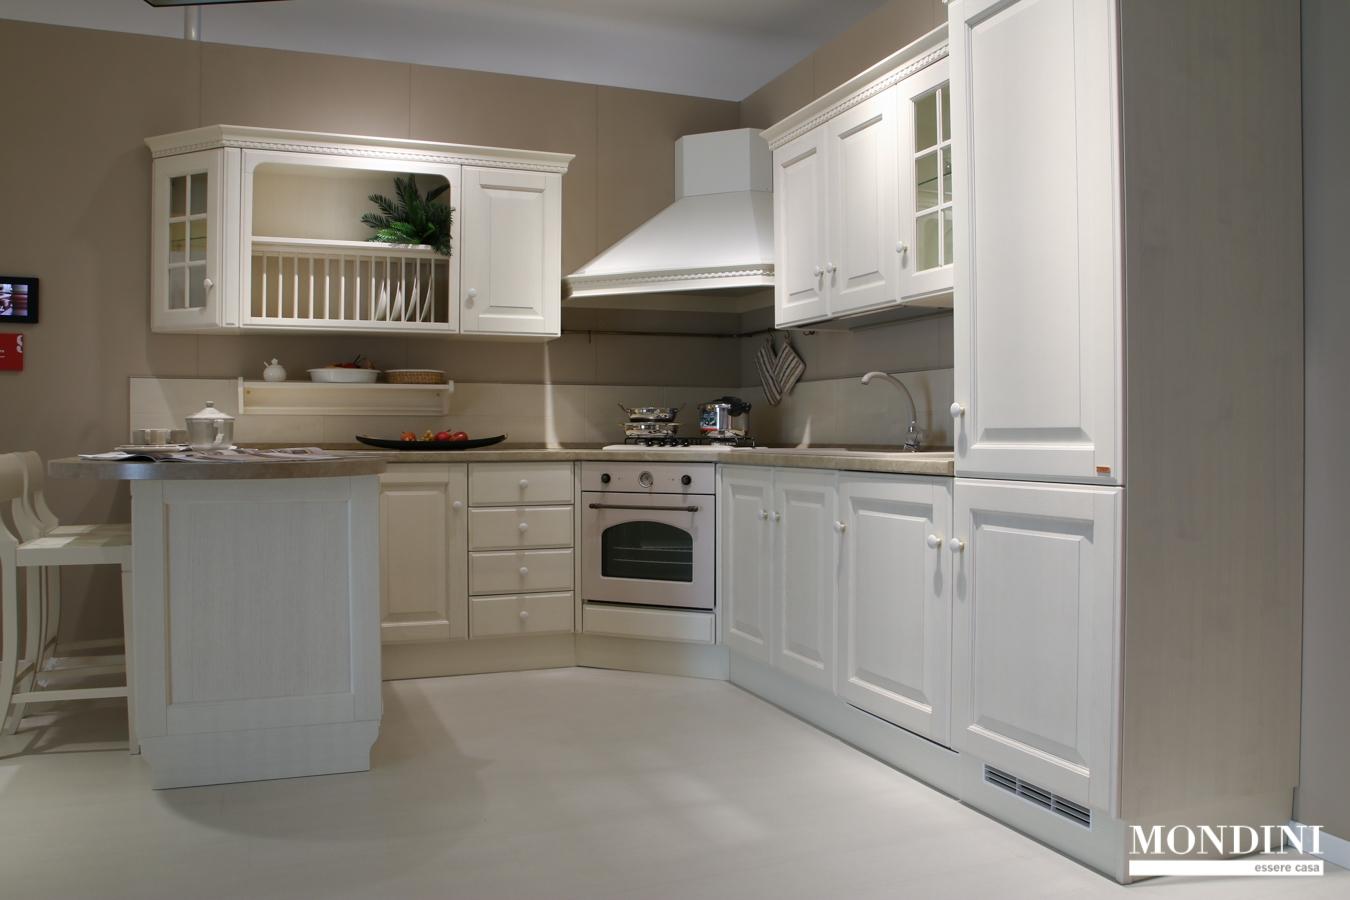 Cucina con penisola scavolini modello baltimora scontata del 48 cucine a prezzi scontati - Cucina penisola ...